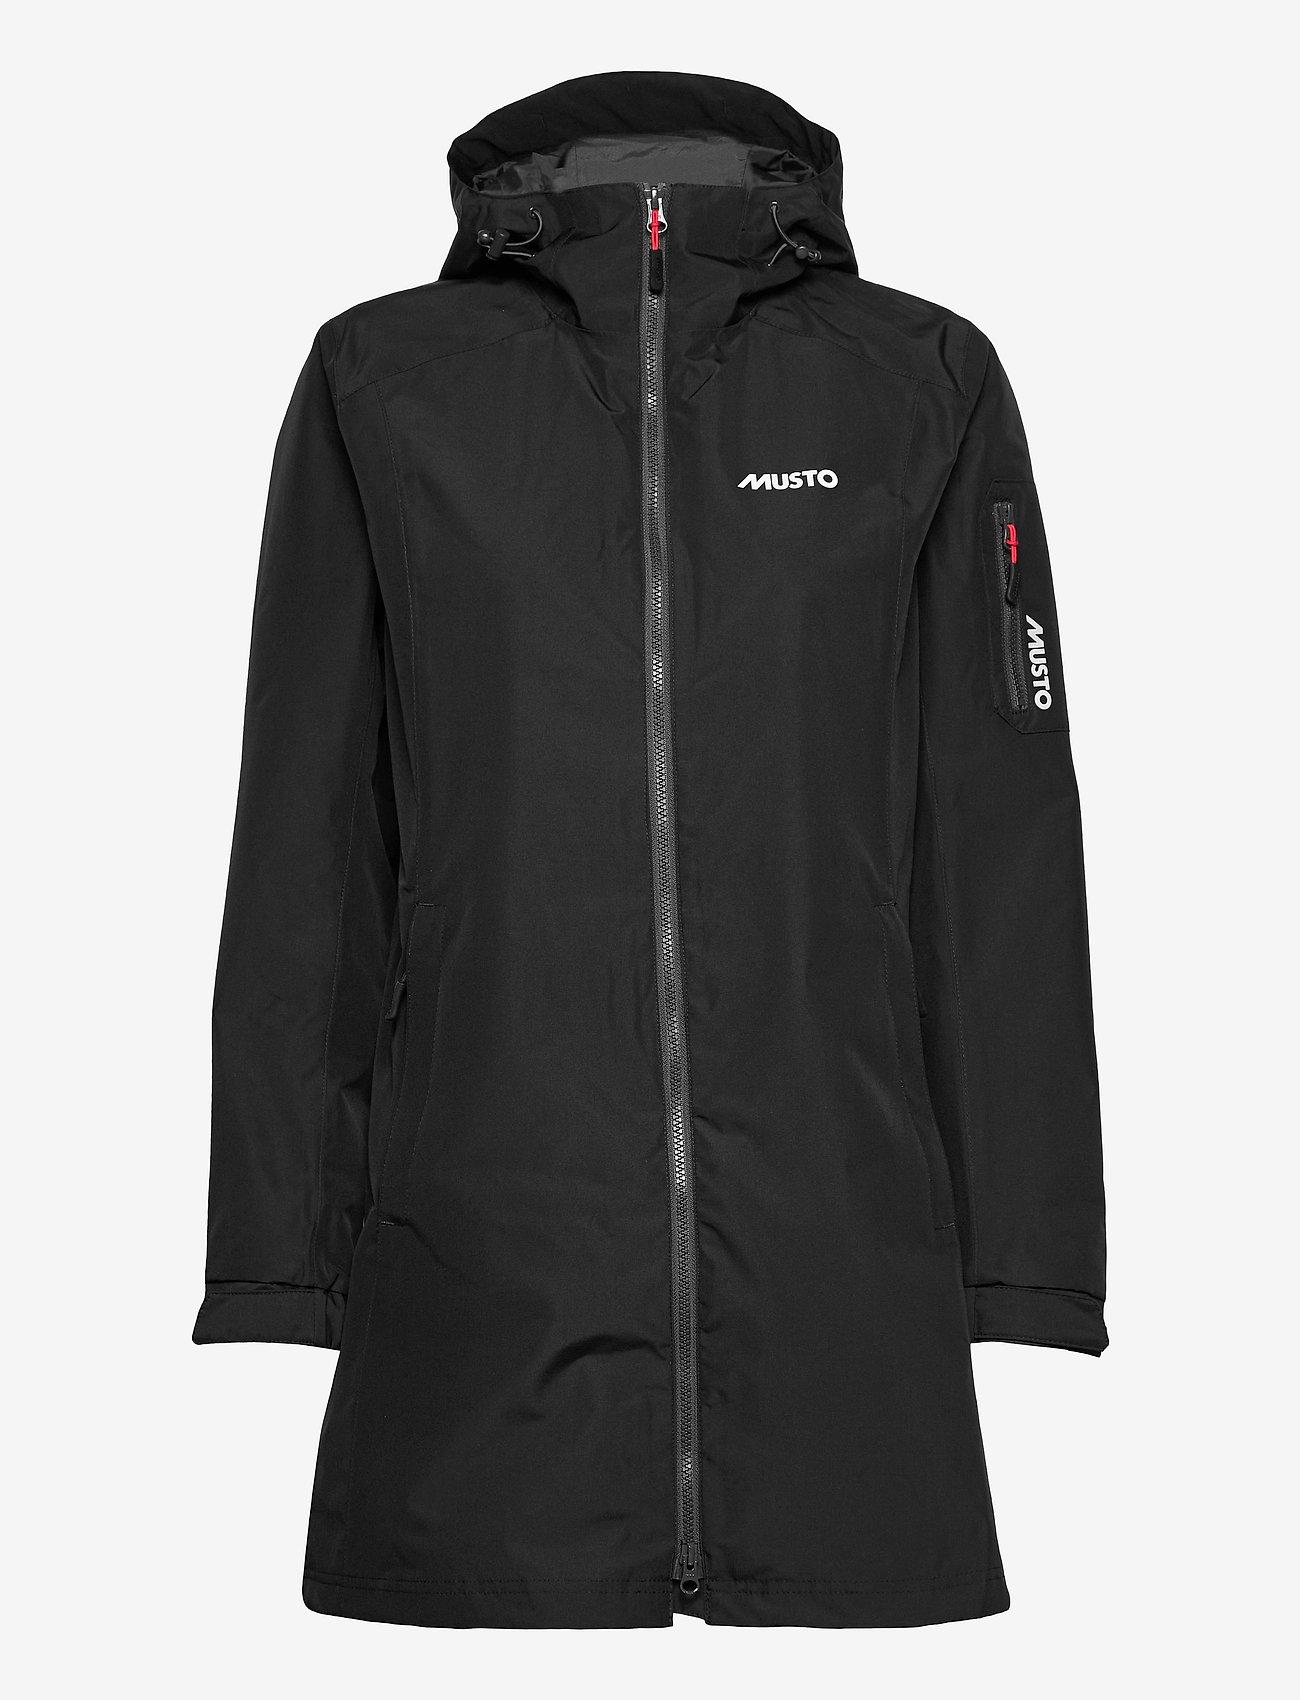 Musto - SARDINIA LONG RAIN JKT FW - rain coats - black - 0